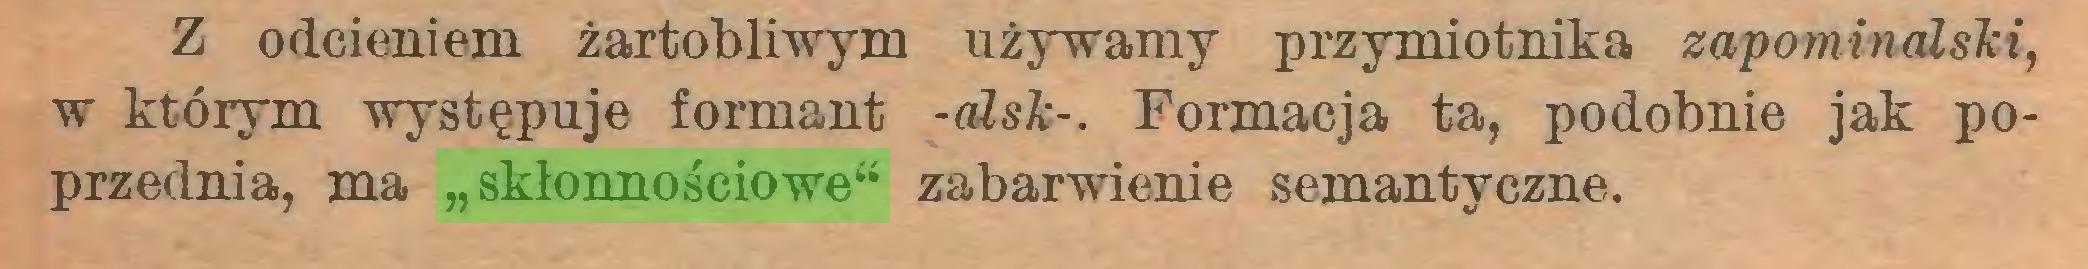 """(...) Z odcieniem żartobliwym używamy przymiotnika zapominalski, w którym występuje formant -alsk-. Formacja ta, podobnie jak poprzednia, ma """"skłonnościowe"""" zabarwienie semantyczne..."""